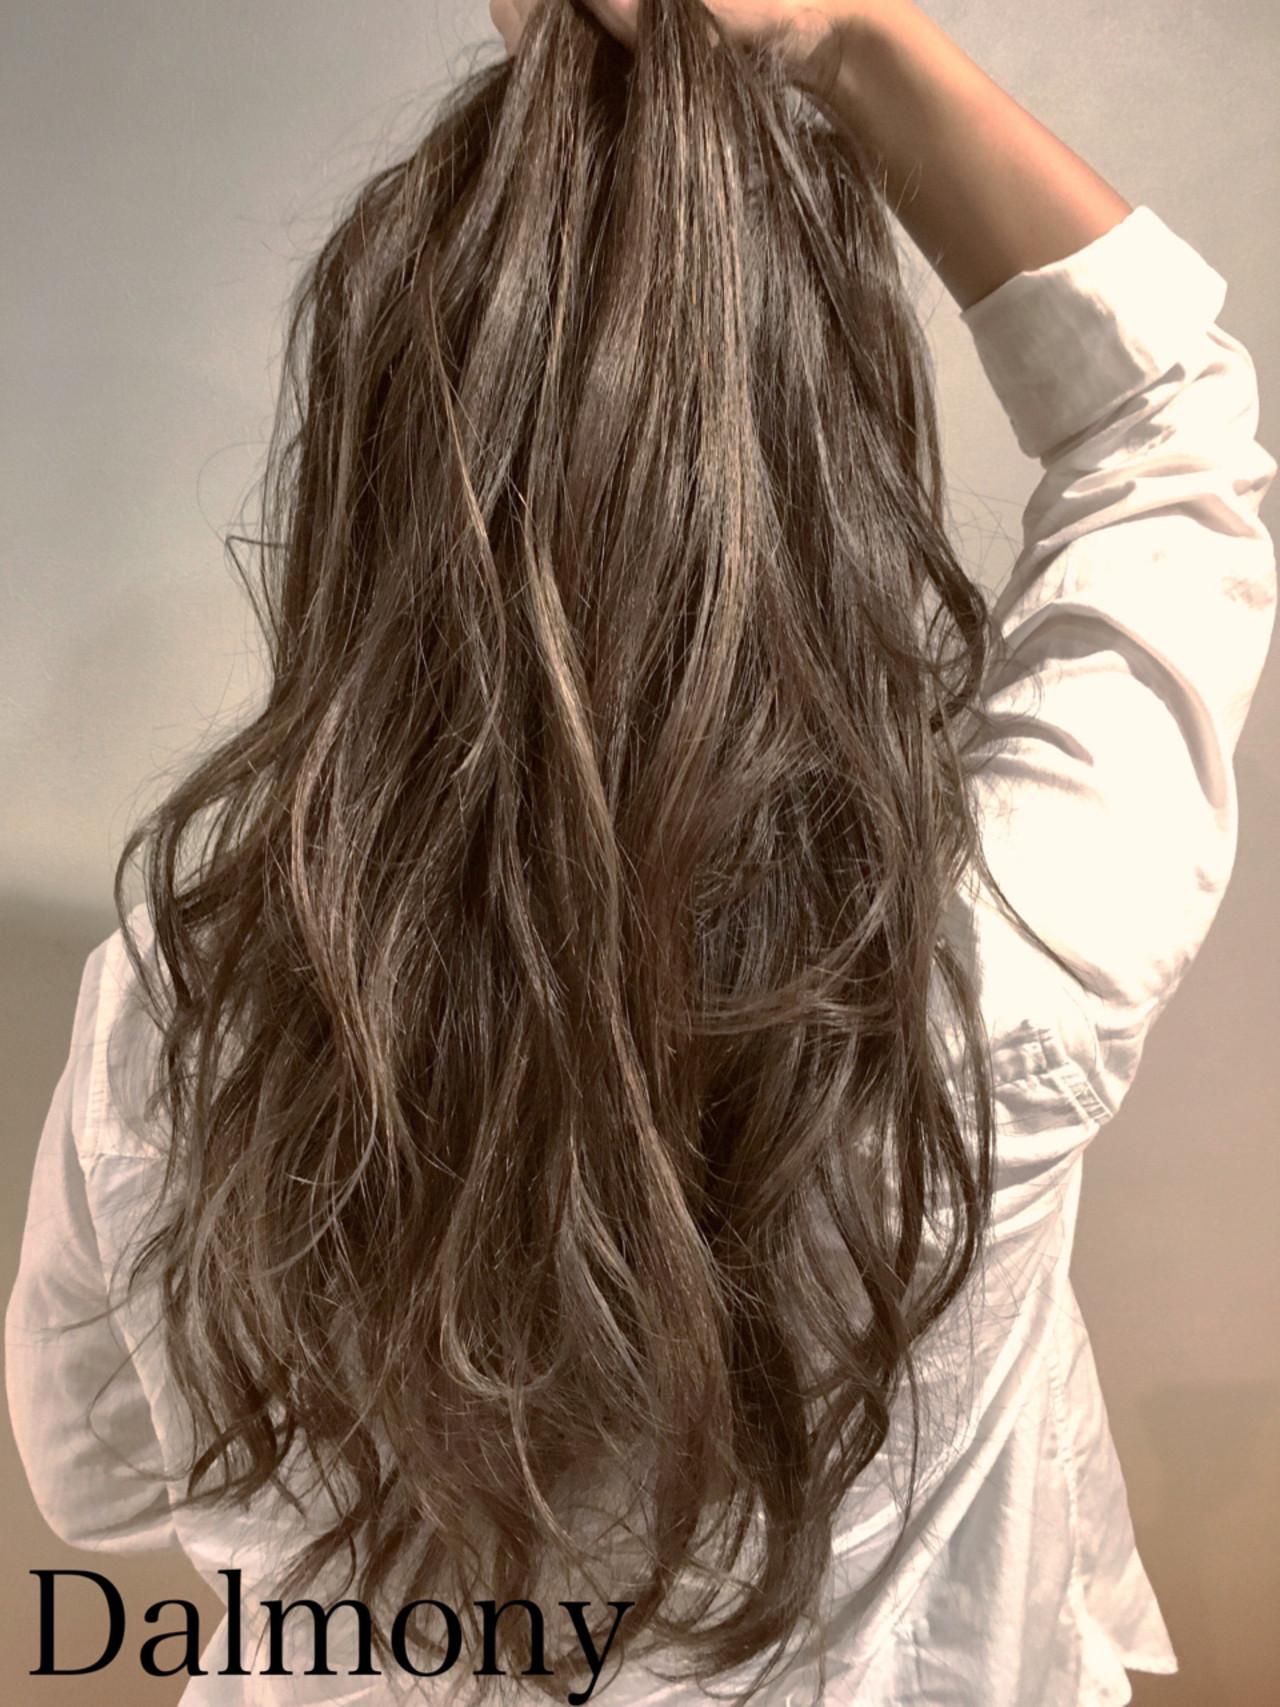 グレージュ ナチュラル ゆるふわ 巻き髪 ヘアスタイルや髪型の写真・画像